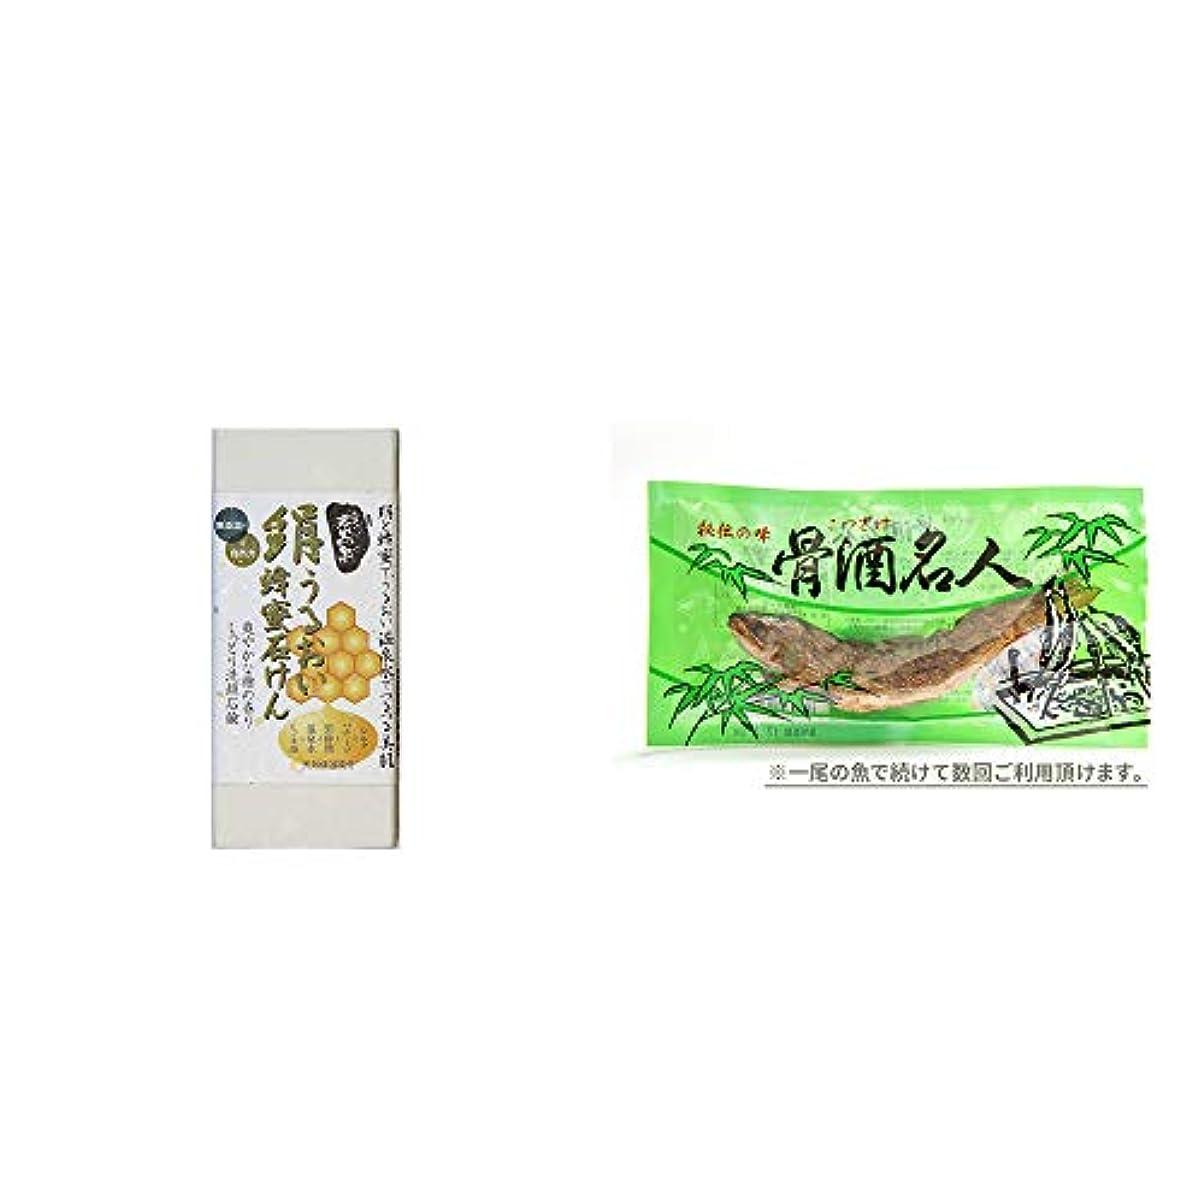 筋一般的なずっと[2点セット] ひのき炭黒泉 絹うるおい蜂蜜石けん(75g×2)?骨酒名人(一尾)